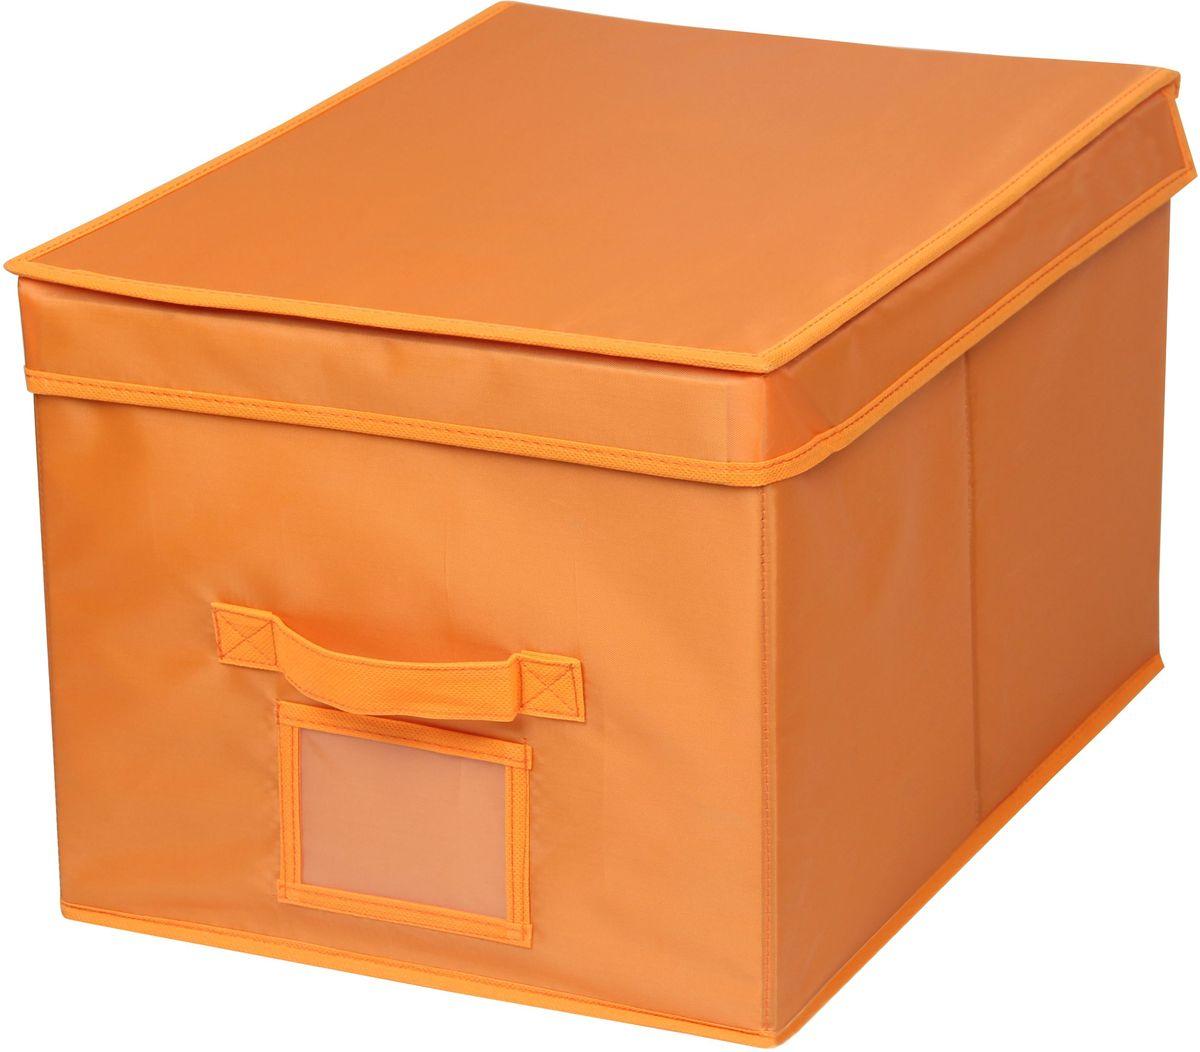 Кофр для хранения Handy Home Апельсин, 40 х 50 х 25 смUC-41Кофр для хранения Handy Home - прямоугольный складной с крышкой. Занимает минимум места в сложенном виде. Естественная вентиляция: материал позволяет воздуху свободно проникать внутрь, не пропуская пыль. Подходит для хранения одежды, обуви, мелких предметов, документов и многого другого.